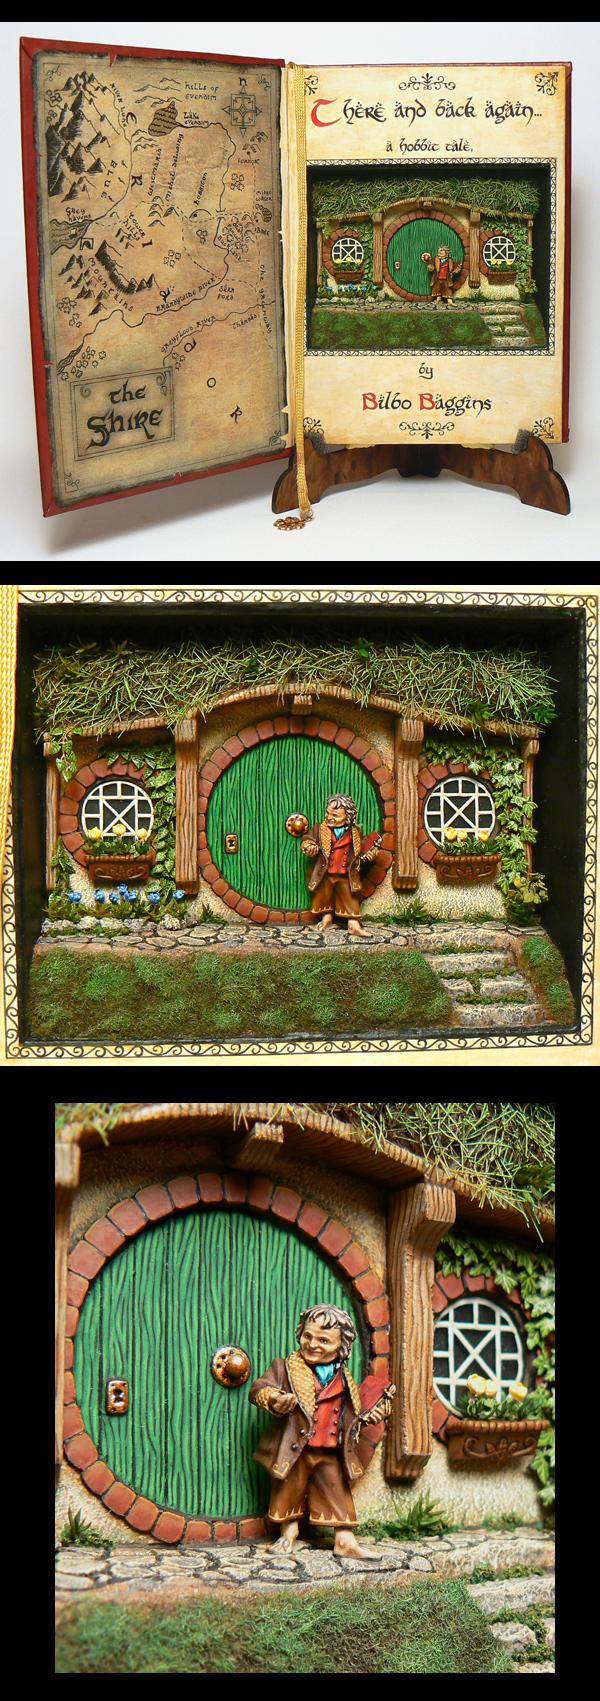 Bilbo Baggins (diorama in a book)